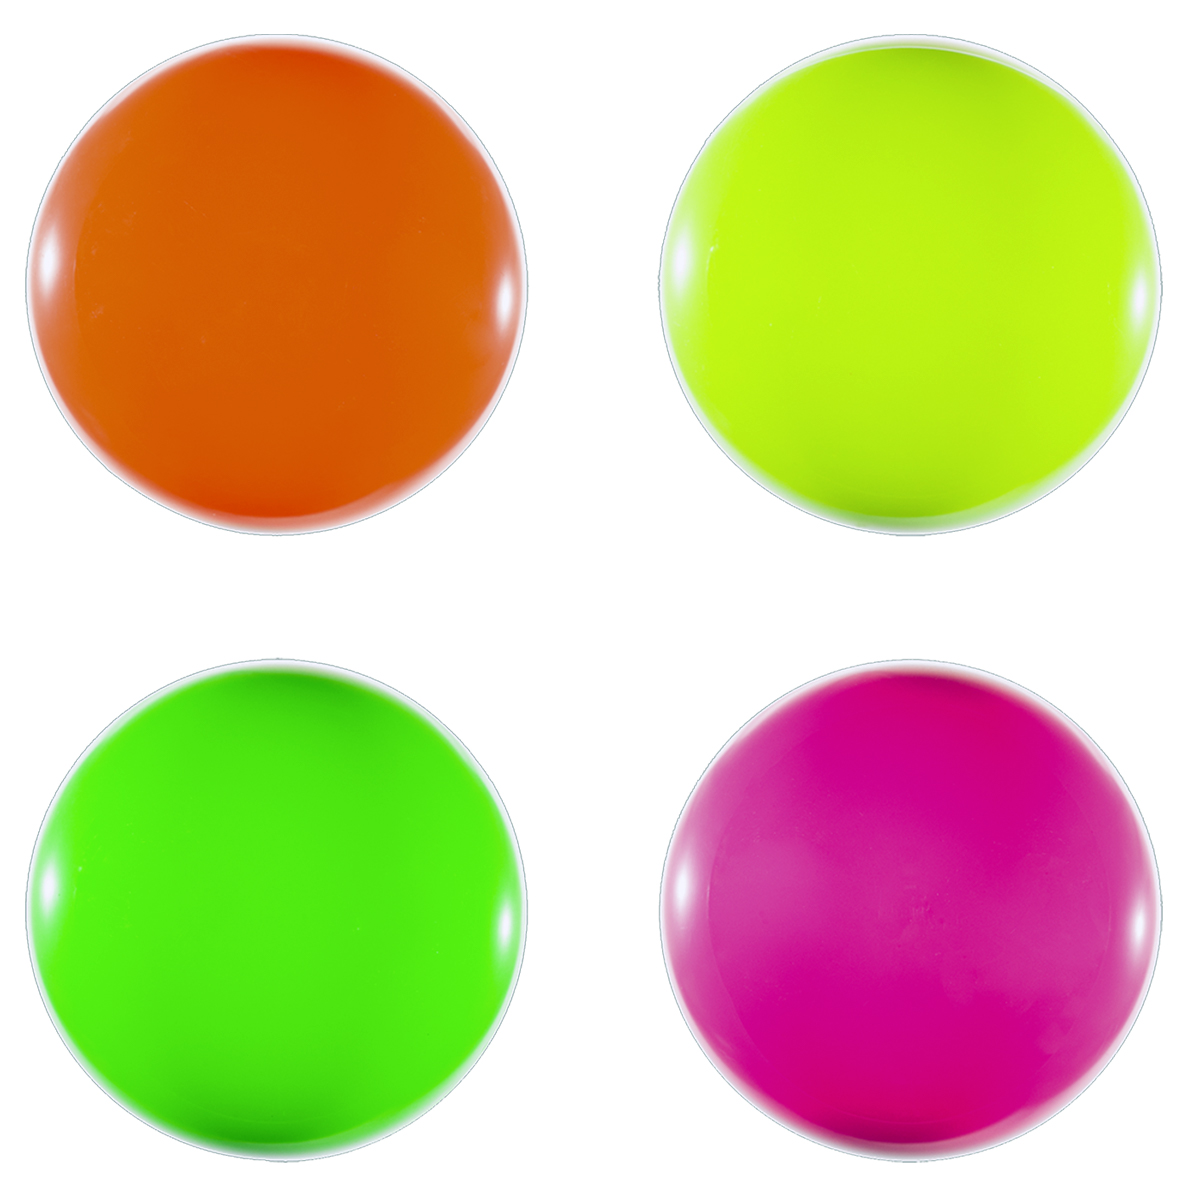 セイミツ工業 LB-35 レバーボール 蛍光色